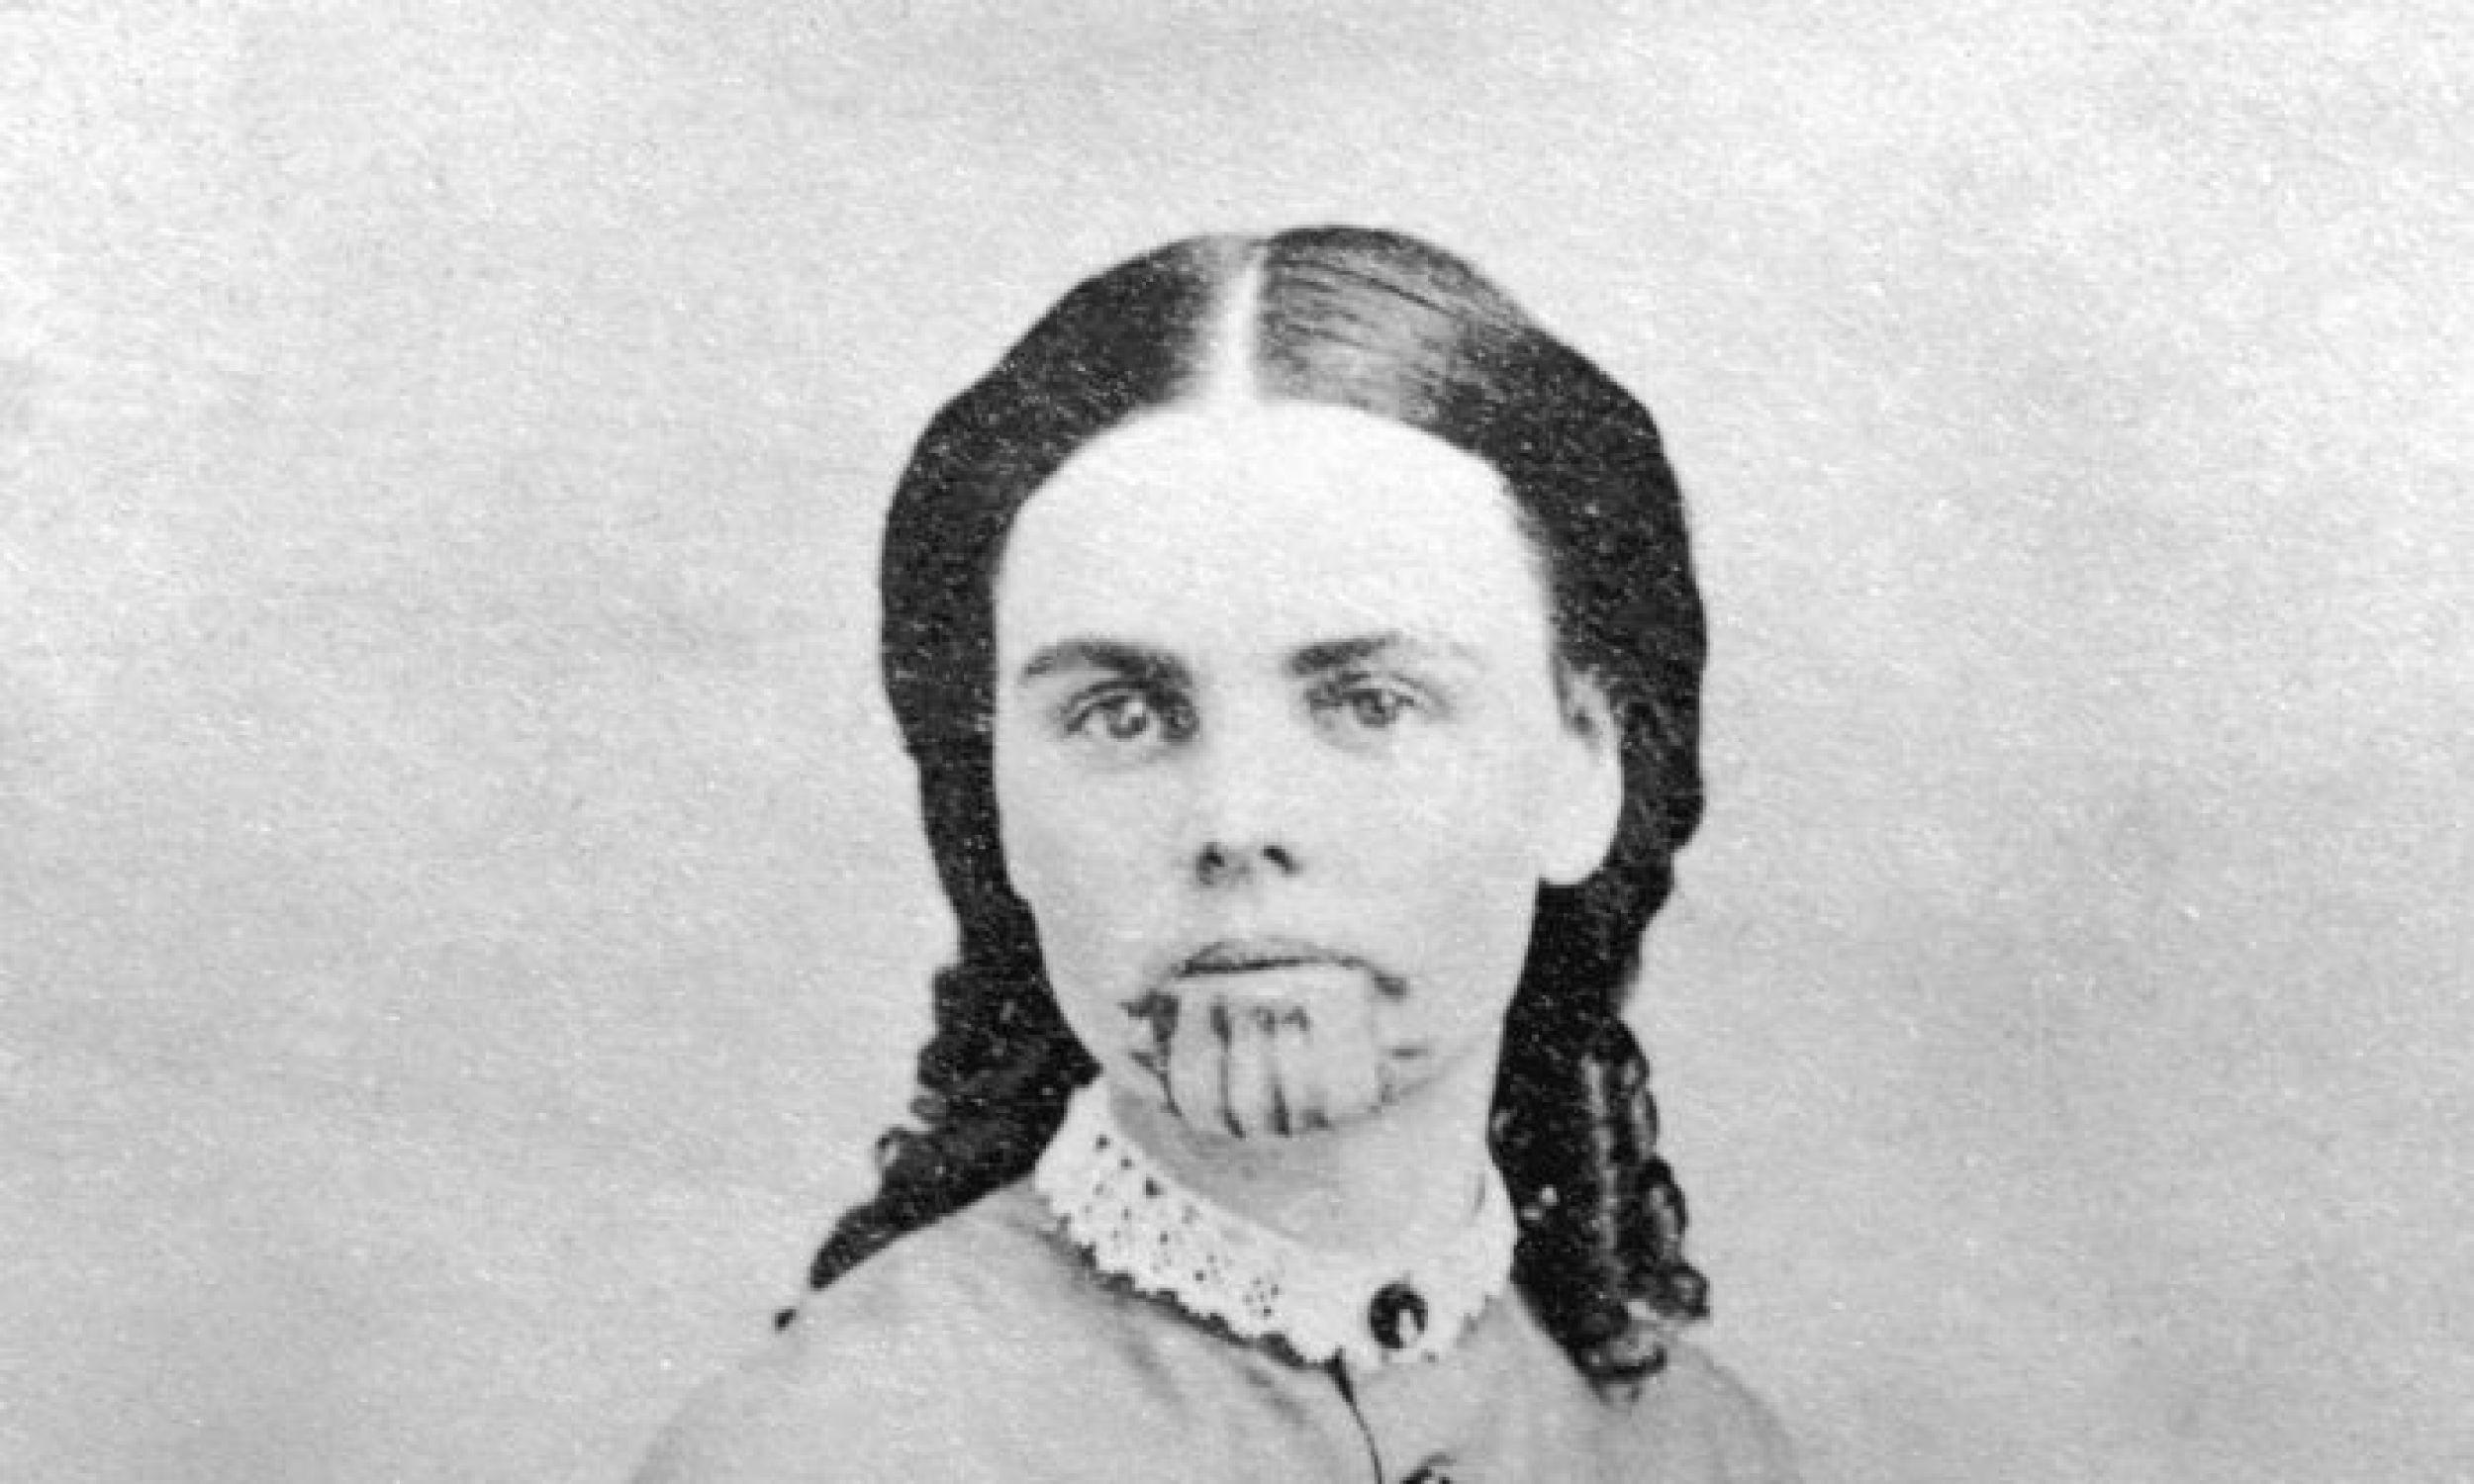 Olive Oatman, która w XIX wieku została pojmana przez Indian (przeżyła ich atak jako jedyna w rodzinie) i wytatuowana na znak niewolnictwa. Podobnie neiwolników (i skazańców)  oznaczali Rzymianie, nzy lud żyjące niegdyś nad Dunajem. Fot. Hulton Archive/Getty Images